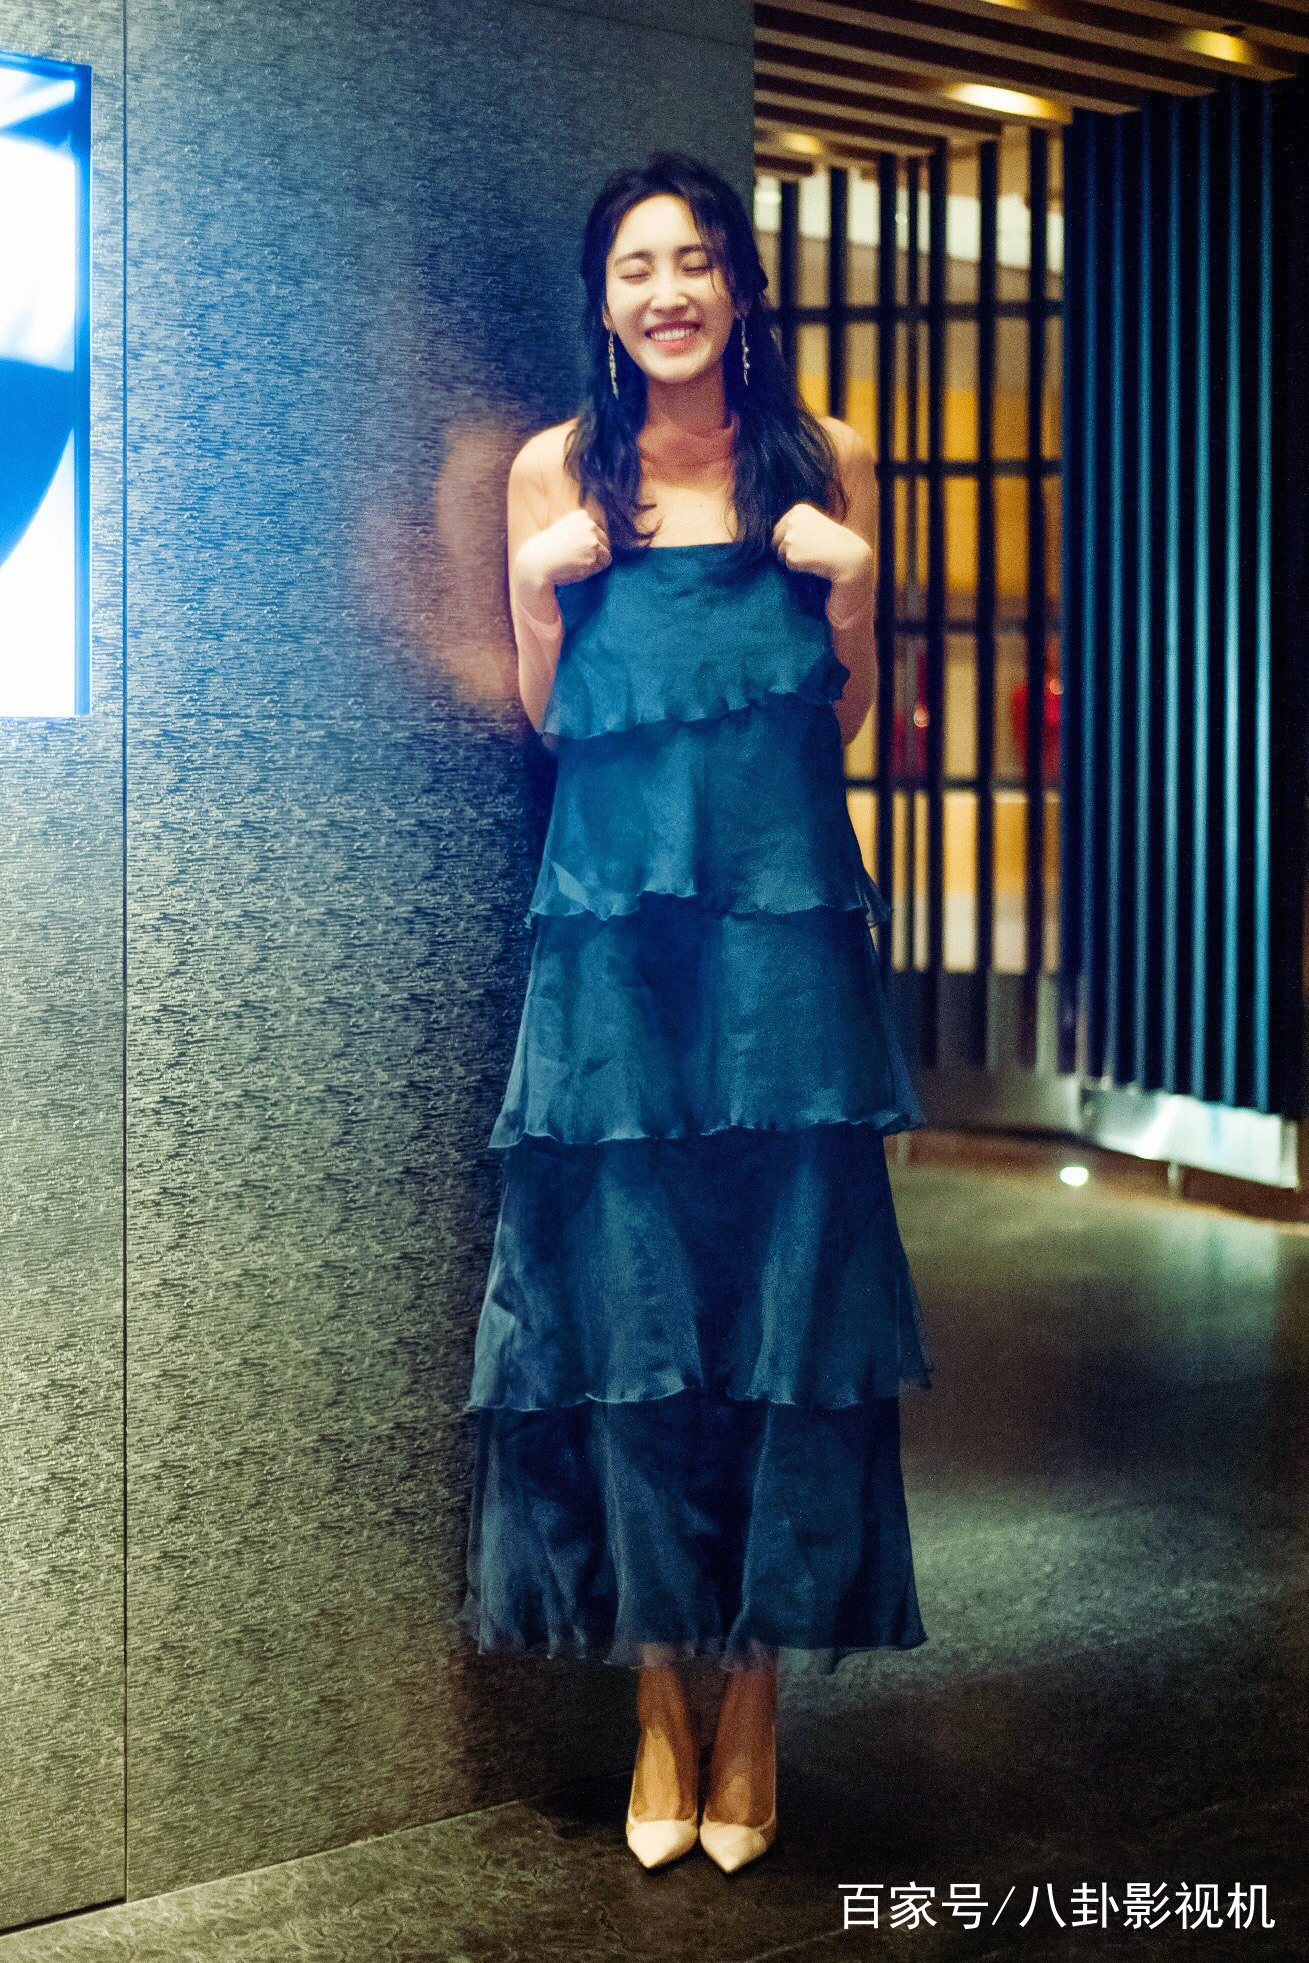 穿着一袭深蓝色的裙子搭配白色的高跟鞋,灿烂的笑容,闭着眼睛活泼可爱